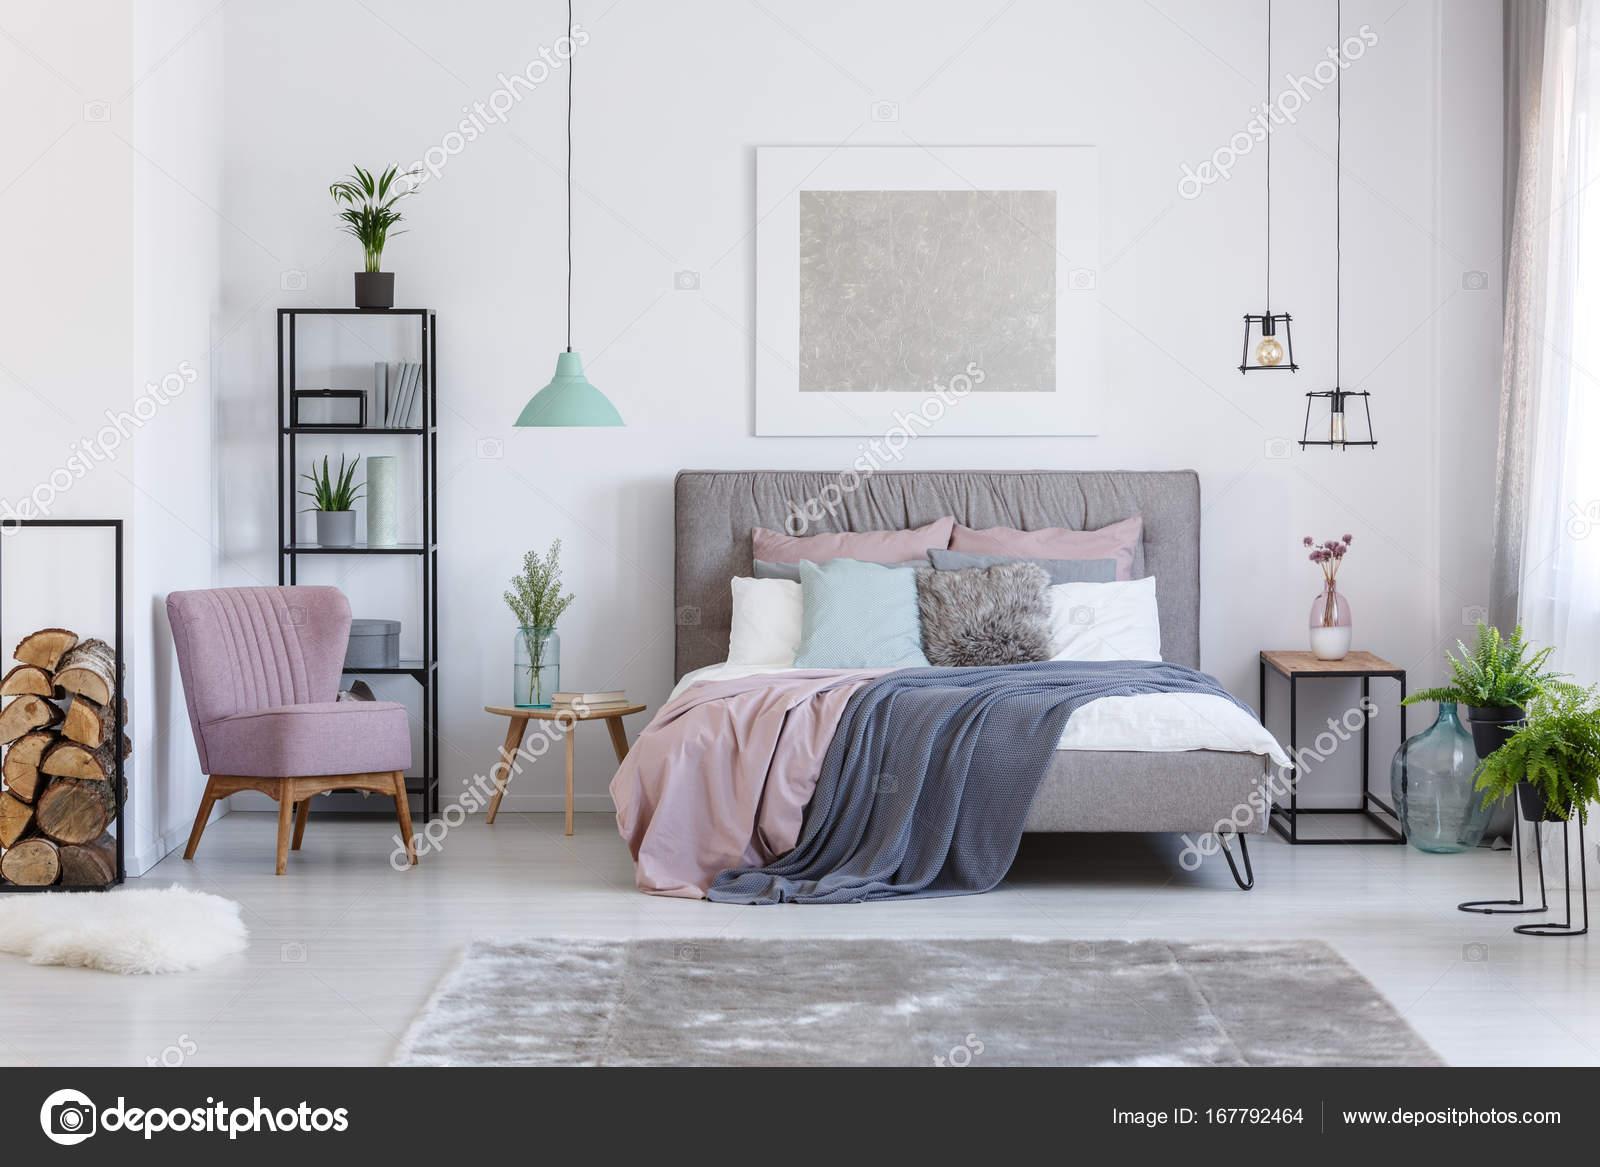 comfortabele poeder roze stoel naast plank met brandhout in zachte pastel slaapkamer met decoratieve glazen vazen foto van photographeeeu